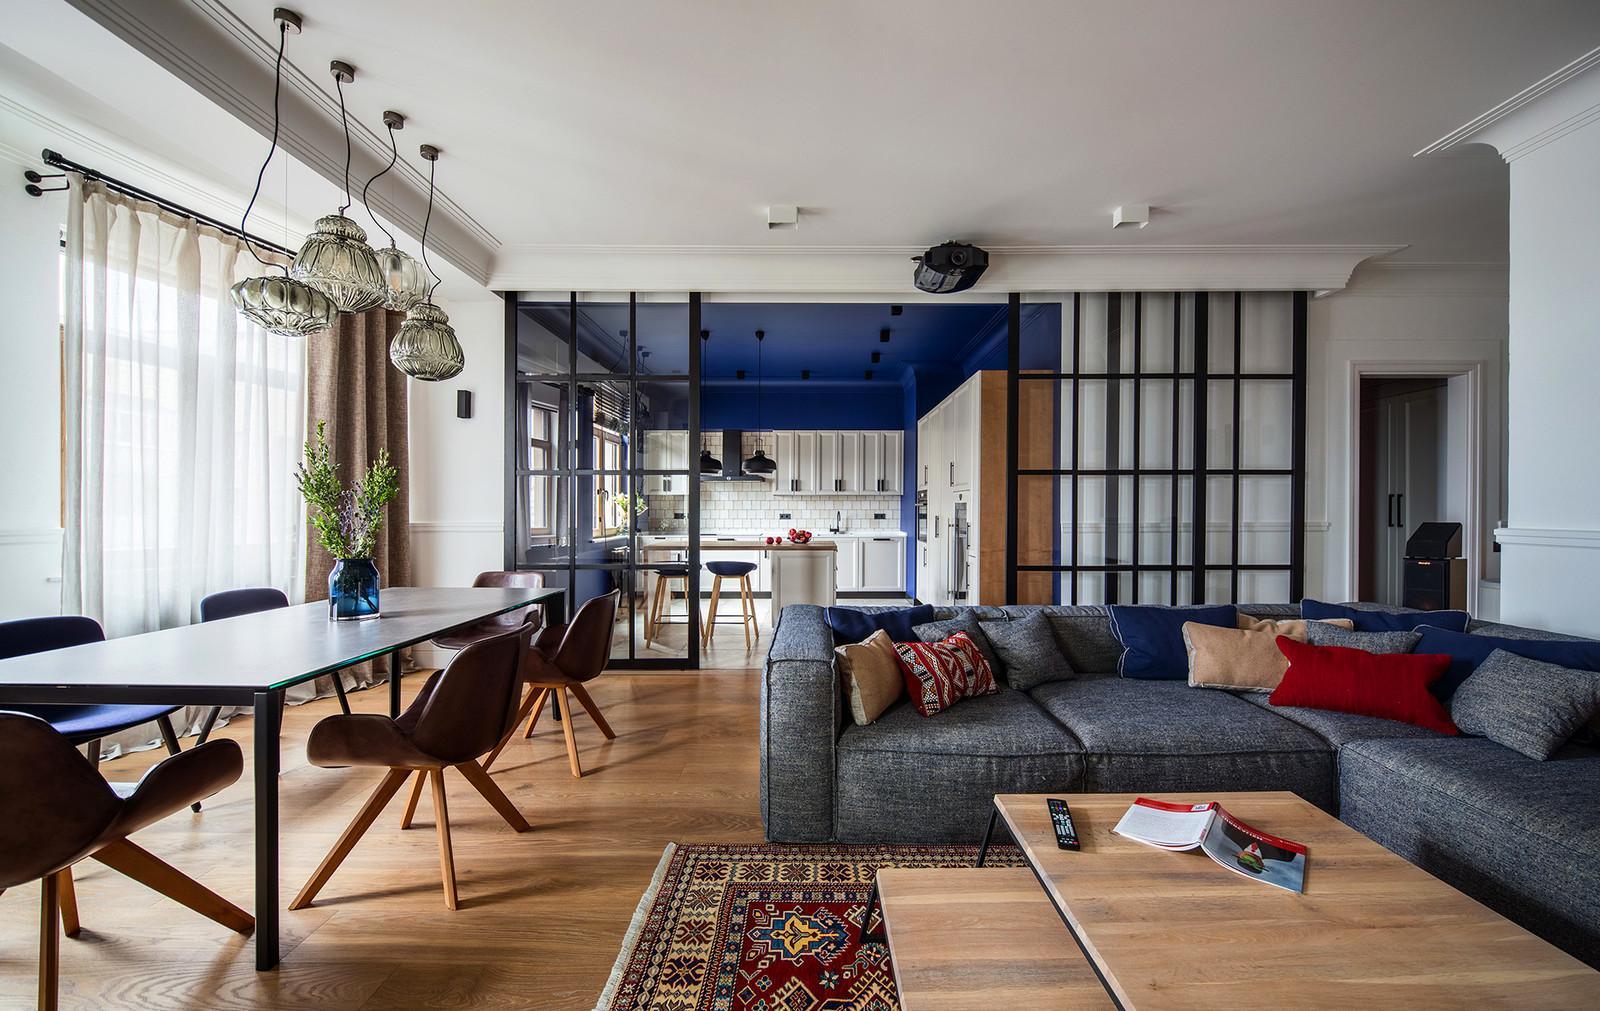 190Советы дизайн квартиры